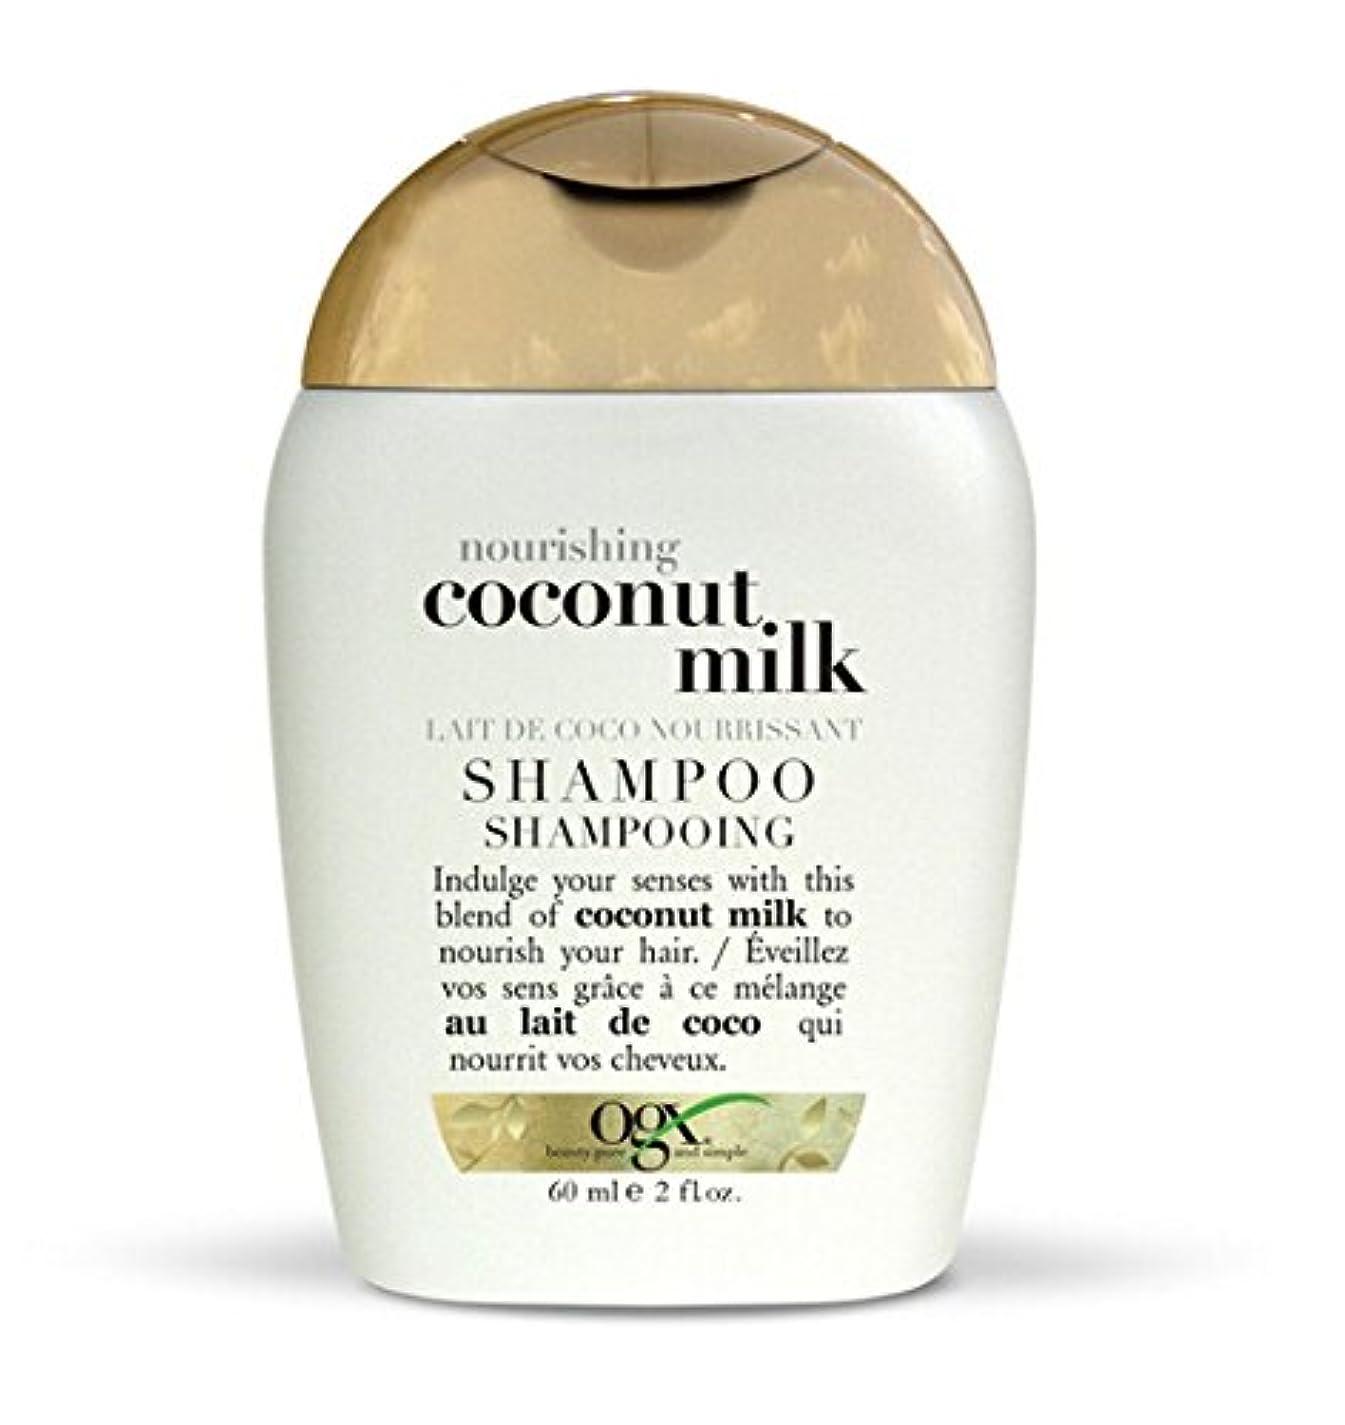 欺文言つなぐVogue ヴォーグ オーガニクス 髪いきいきココナッツミルク 自然派ヘアケア シャンプー 60ml coconut milk shampoo [並行輸入品]